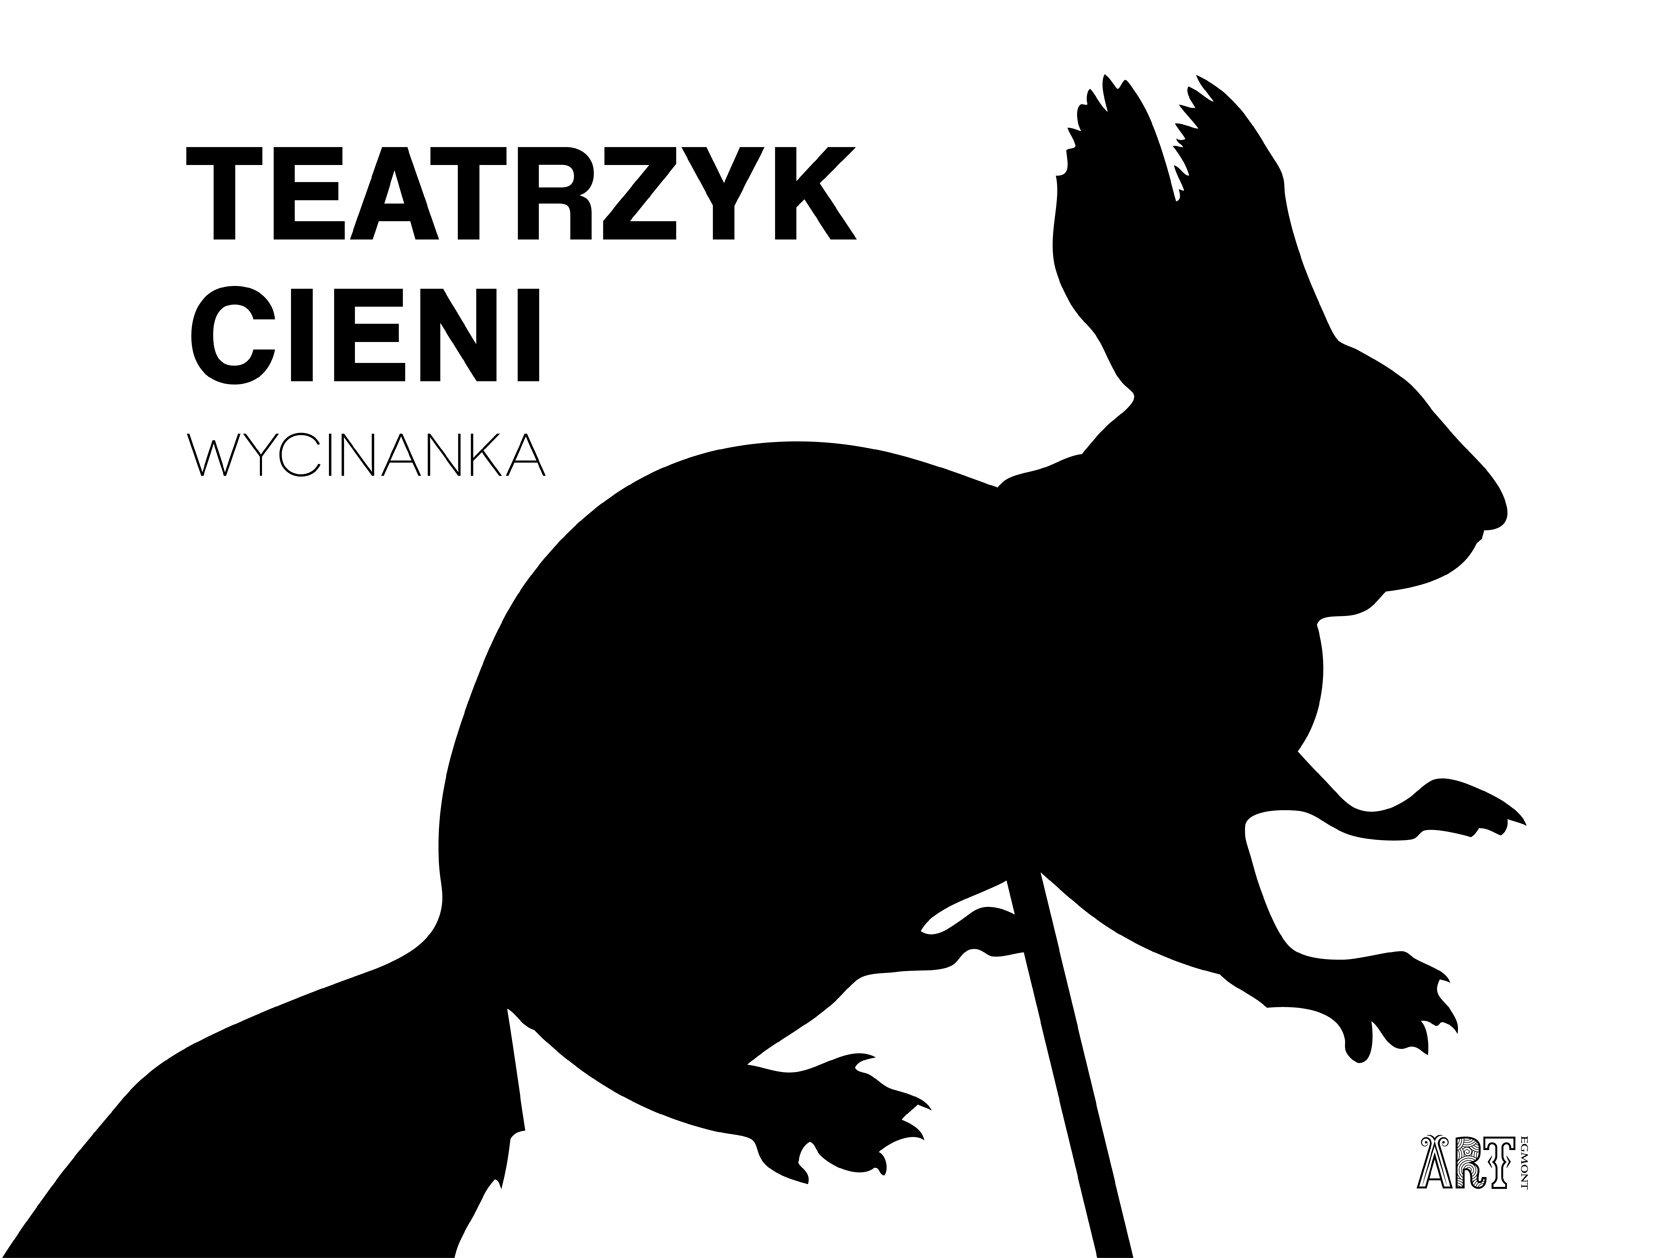 Teatrzyk cieni Wycinanka Egmont